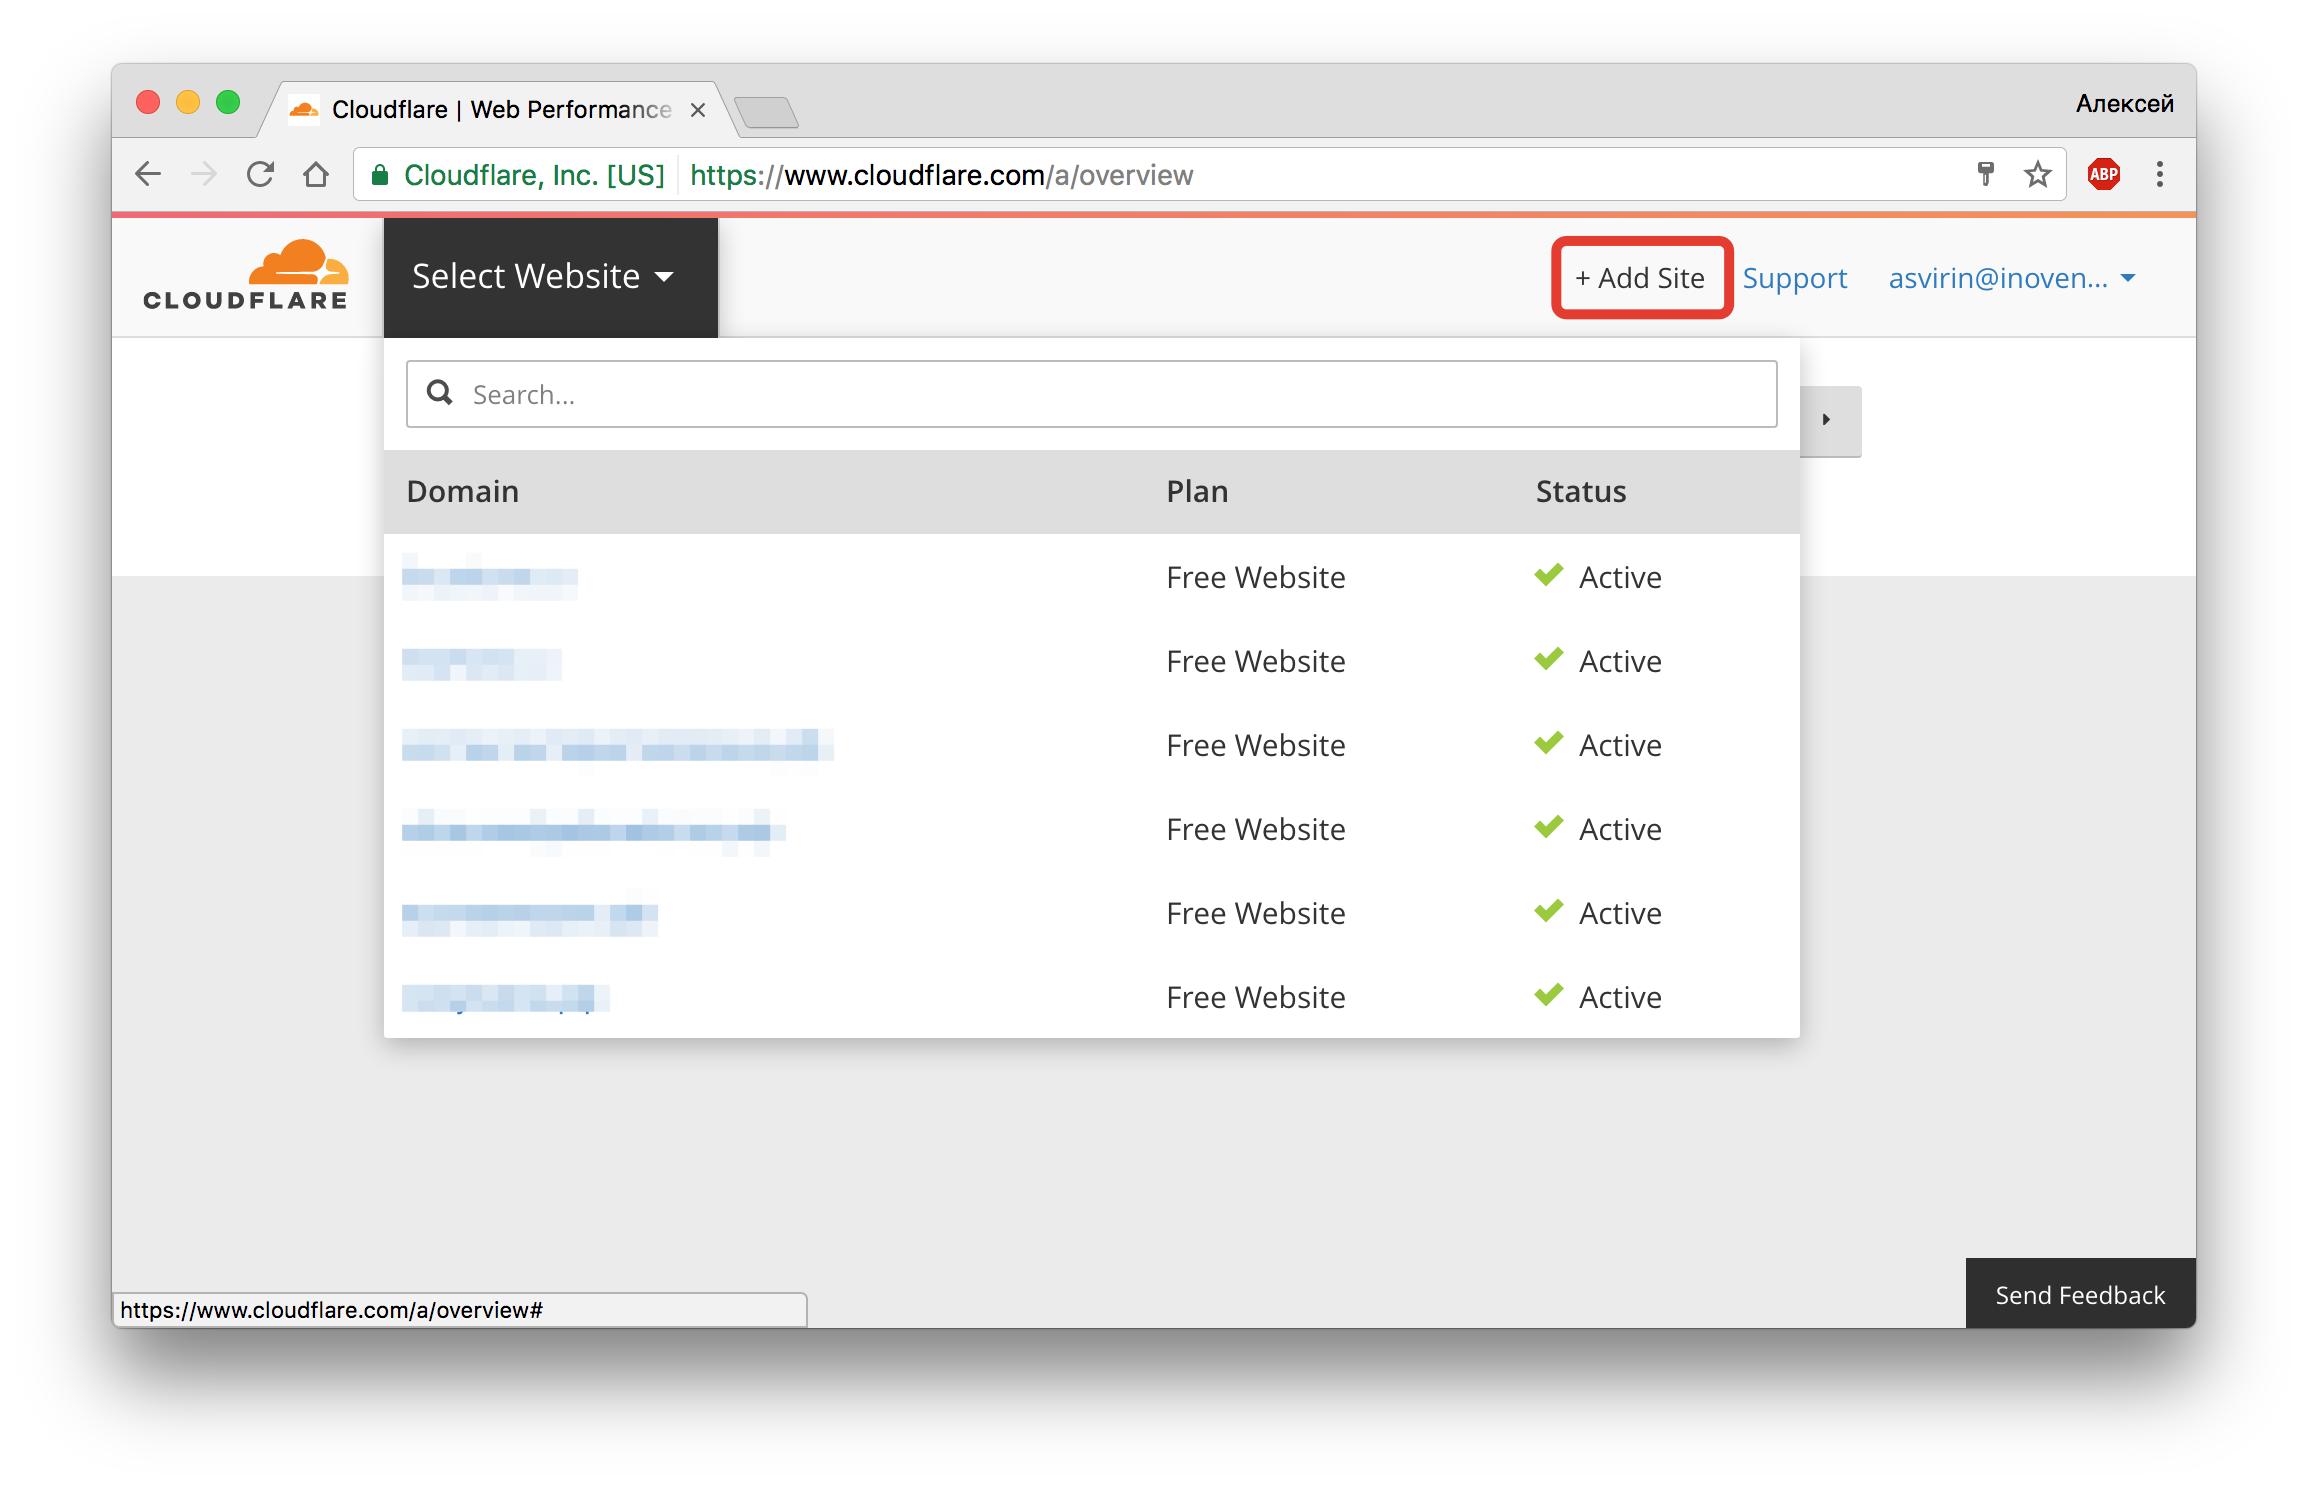 установка бесплатного ssl-сертификата cloudflare